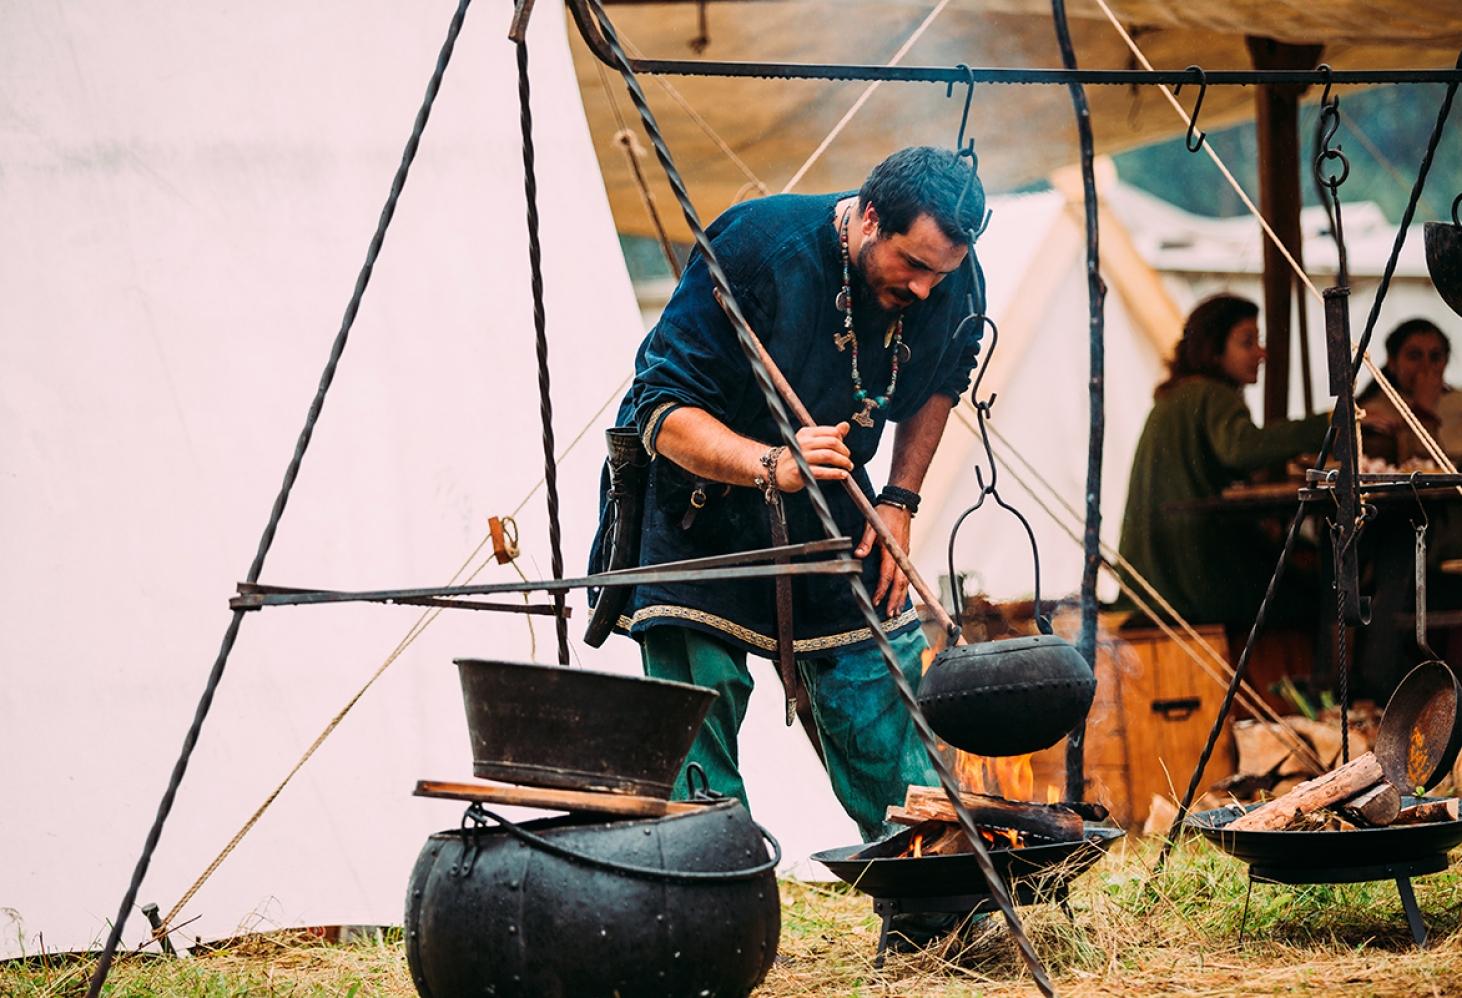 Фестиваль викингов, Йорк, Великобритания 12.02.2018–18.02.2018